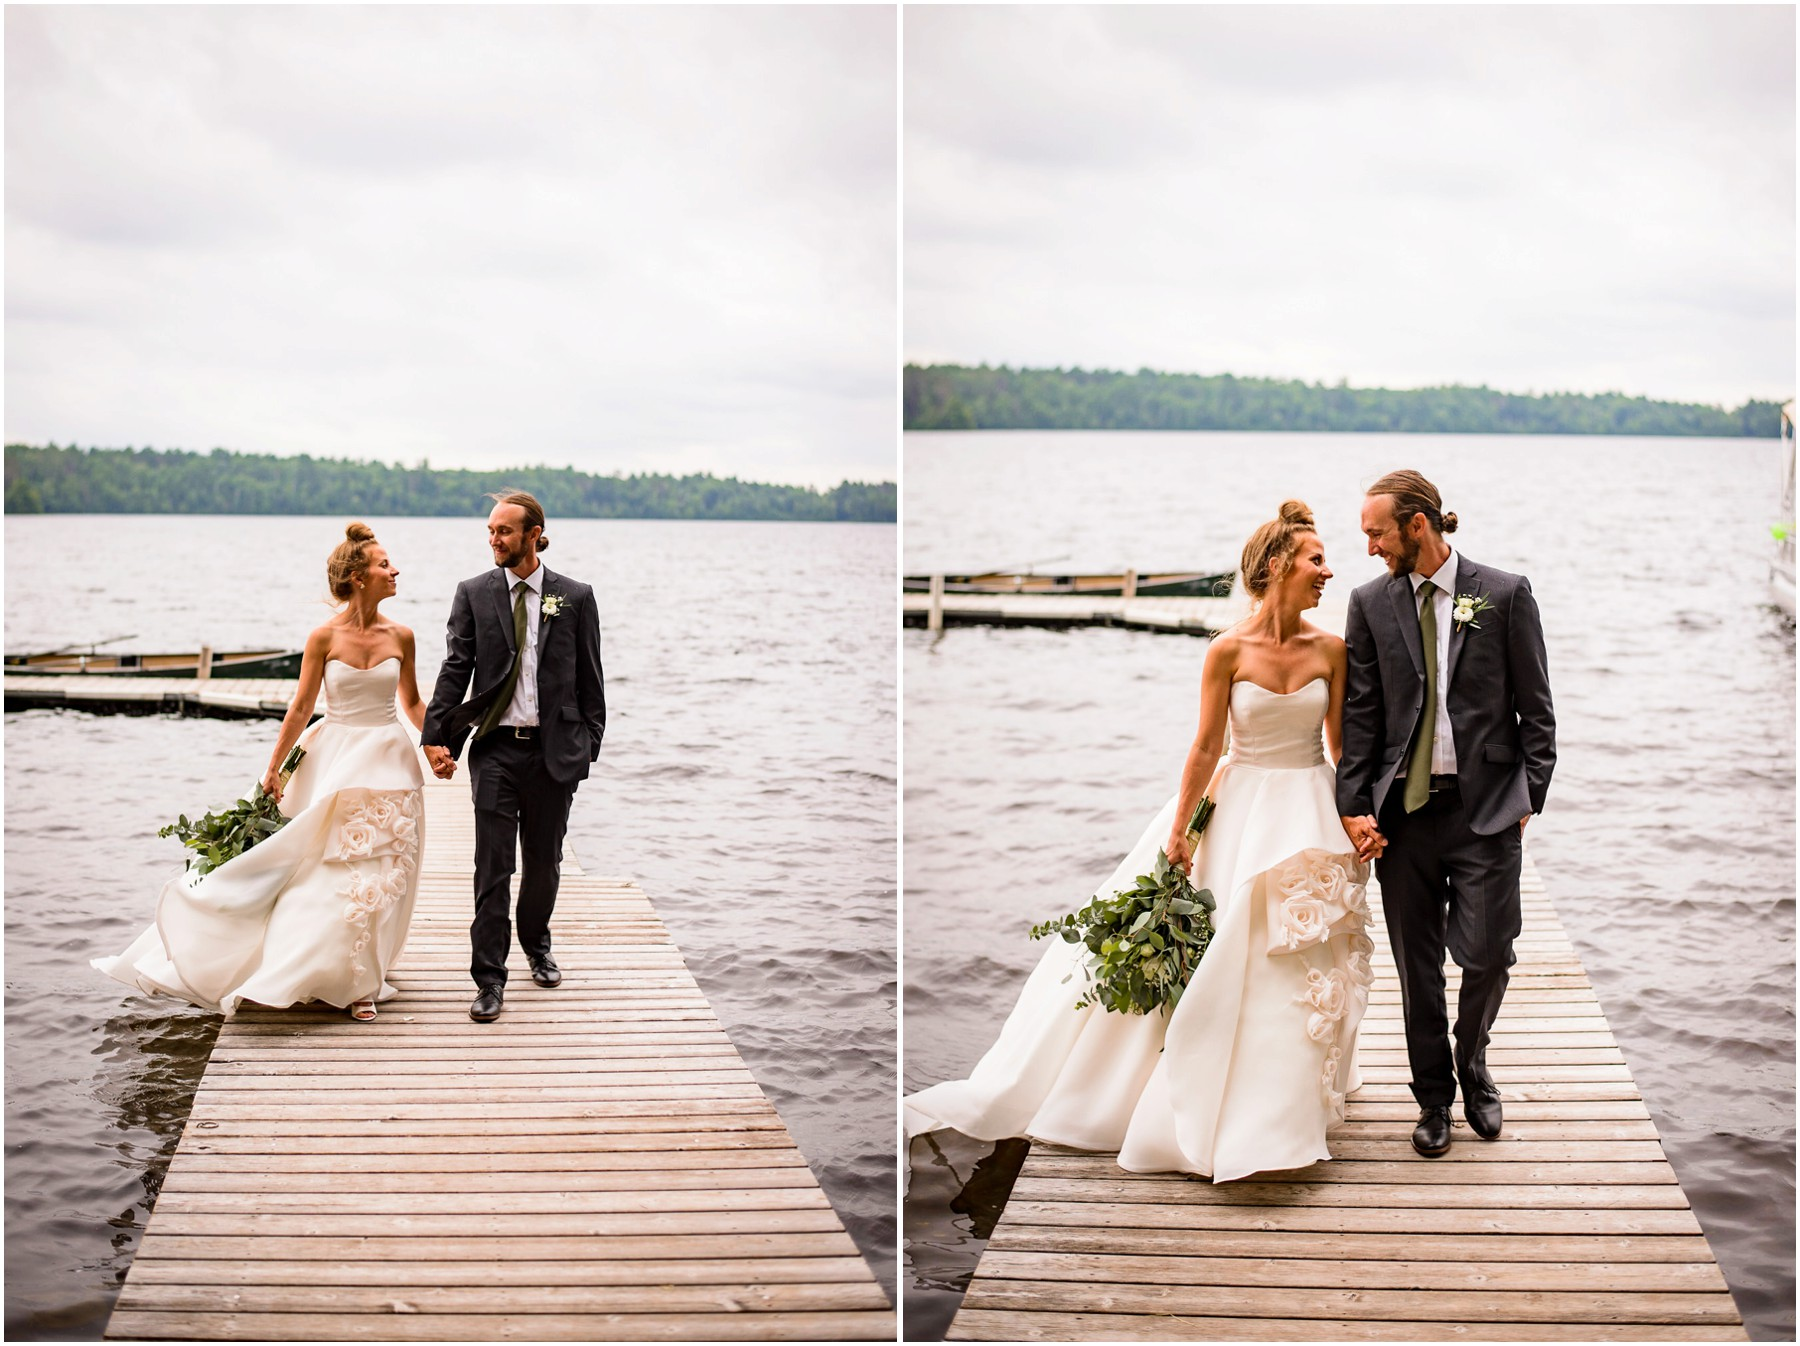 Bride and Groom walk on dock together